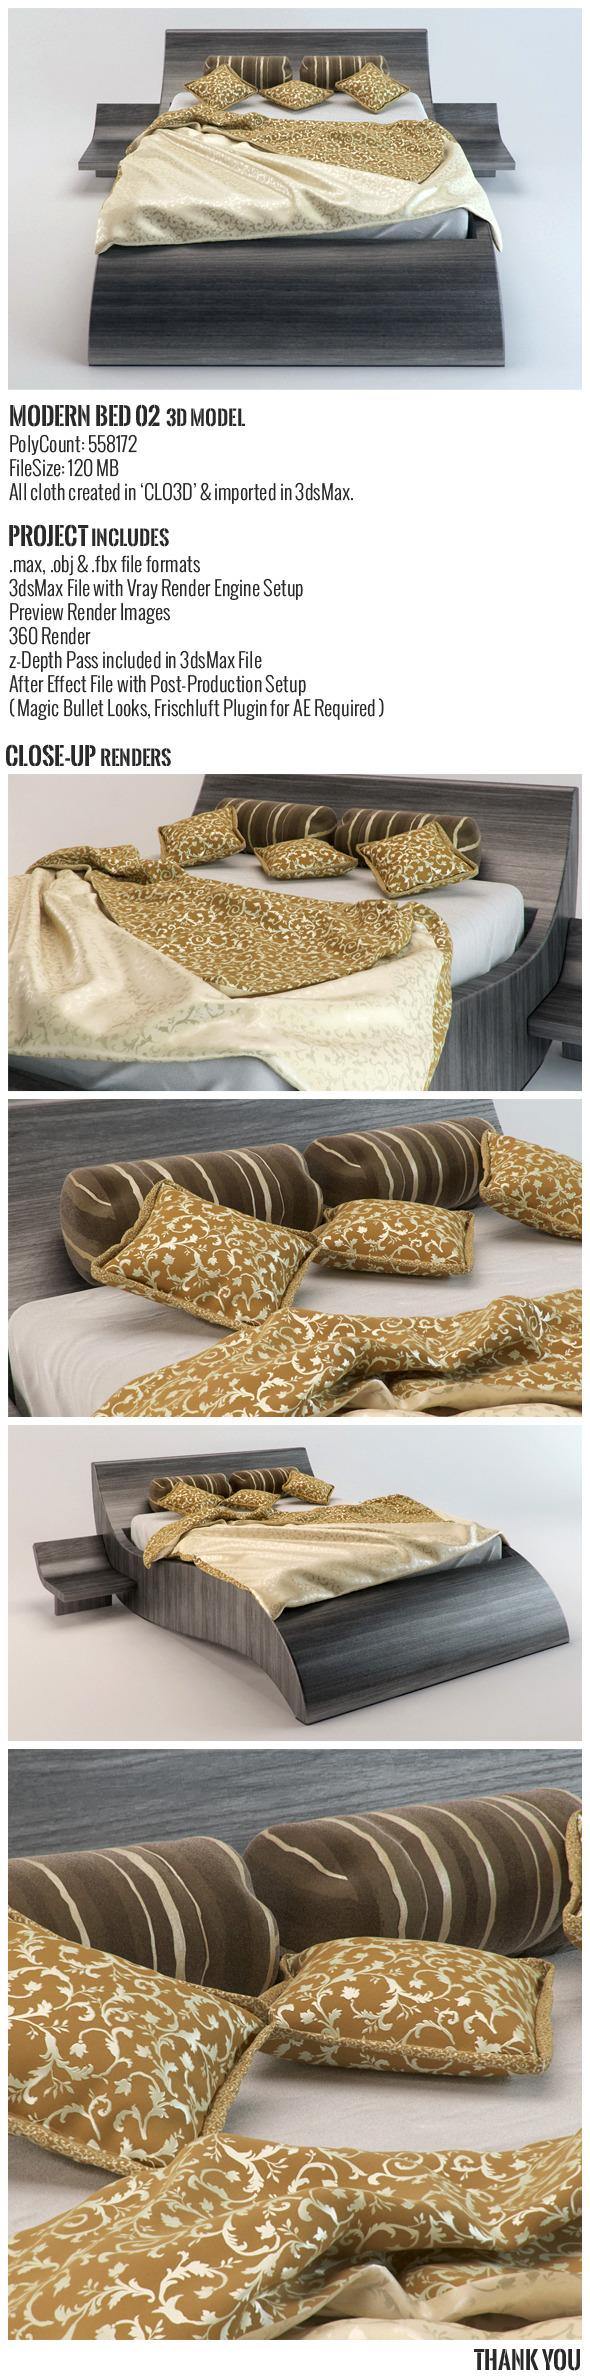 Modern Bed 02 3D Model - 3DOcean Item for Sale